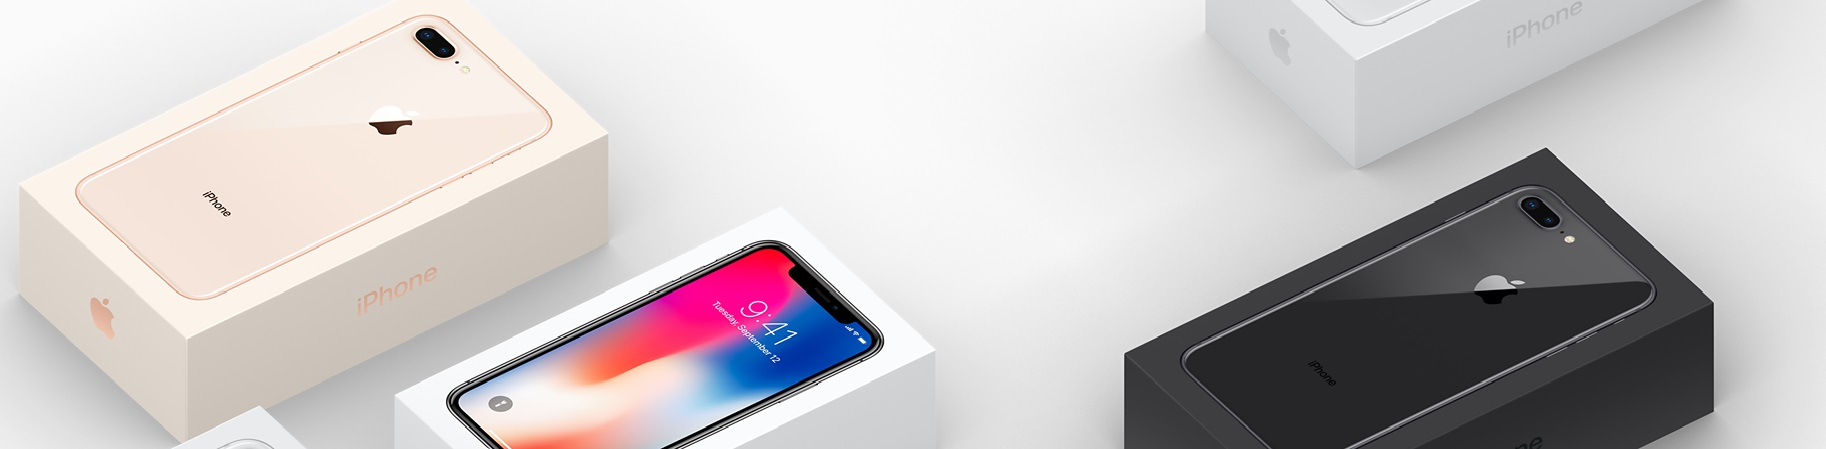 iphones cajas